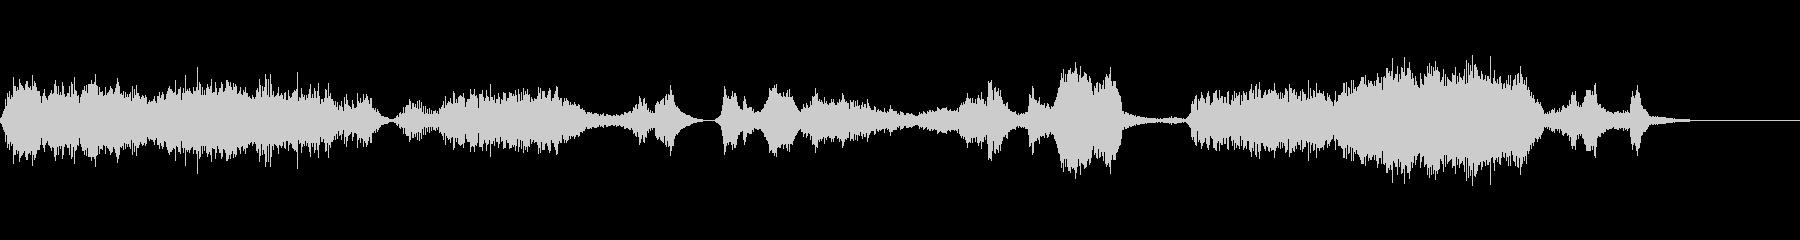 エイリアン通信タイムワープの未再生の波形